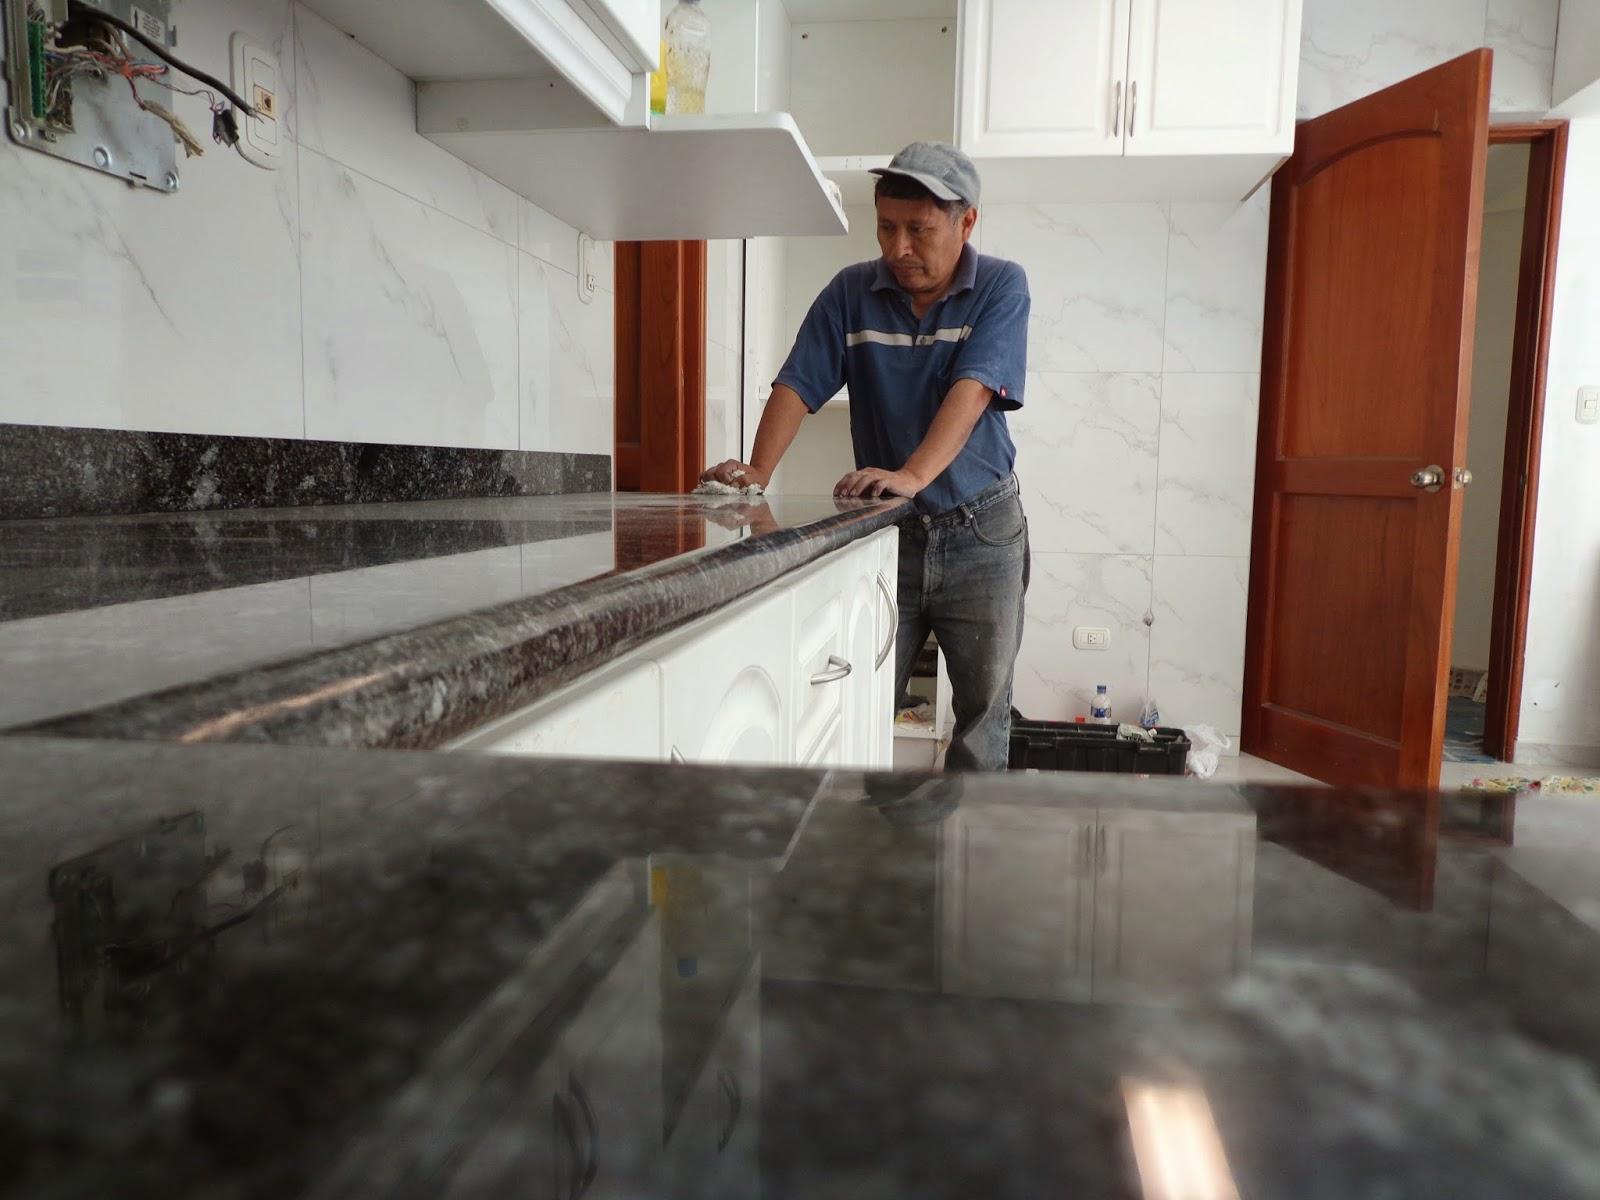 Encimeras mesas tablero cocina granito marmol piedra natural for Como desmanchar el marmol blanco